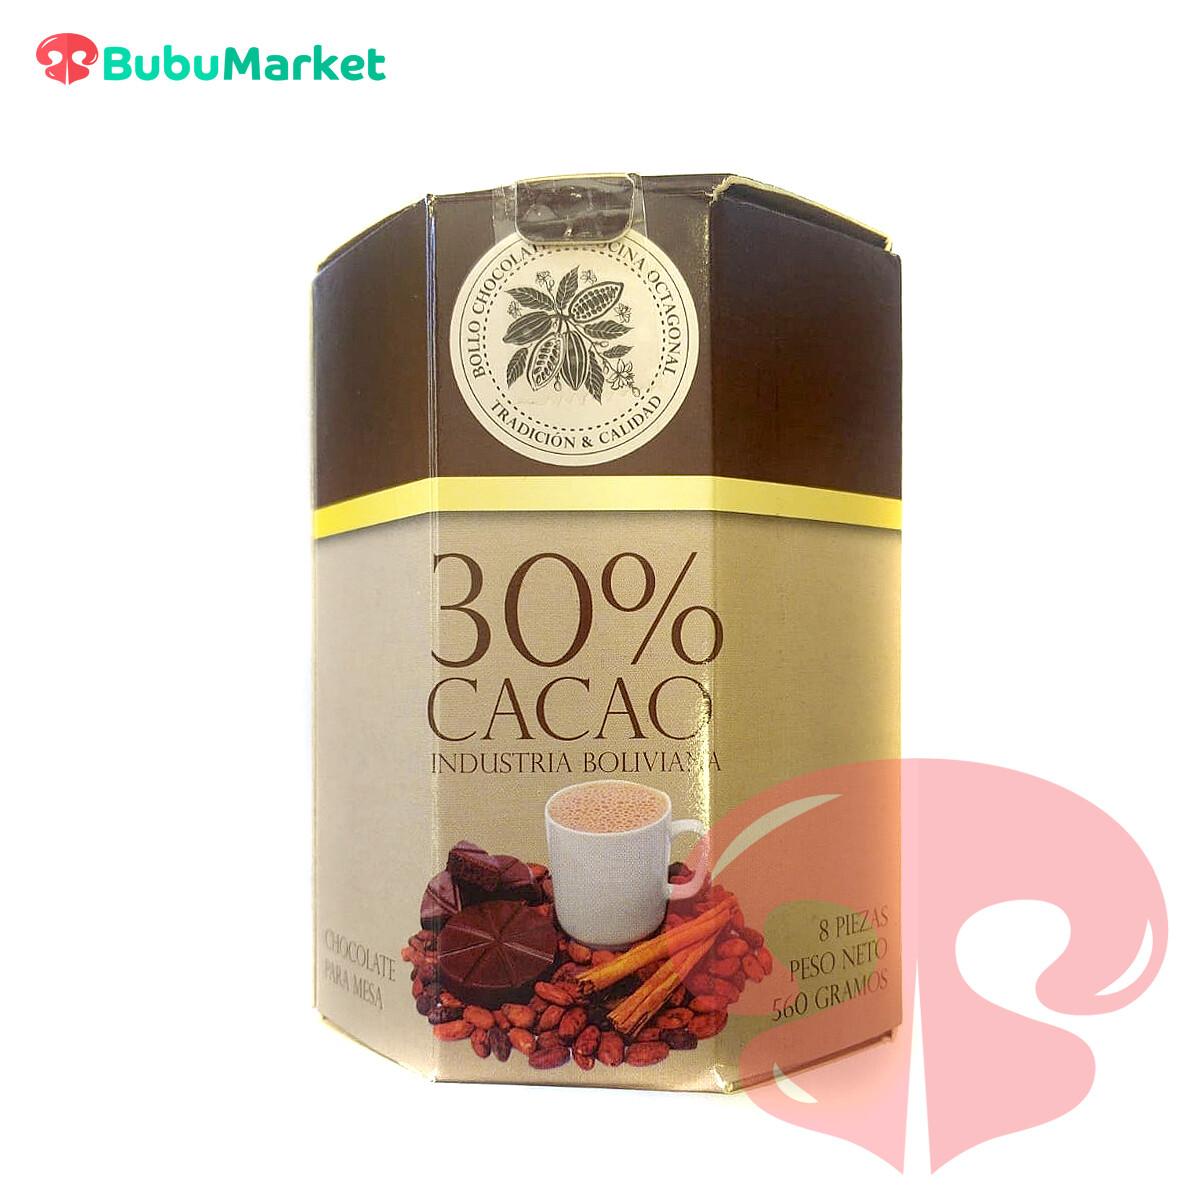 BOLLO CHOCOLATE DE COCINA OCTAGONAL EL CONDOR 30% CACAO 8PZAS. 570 GR.